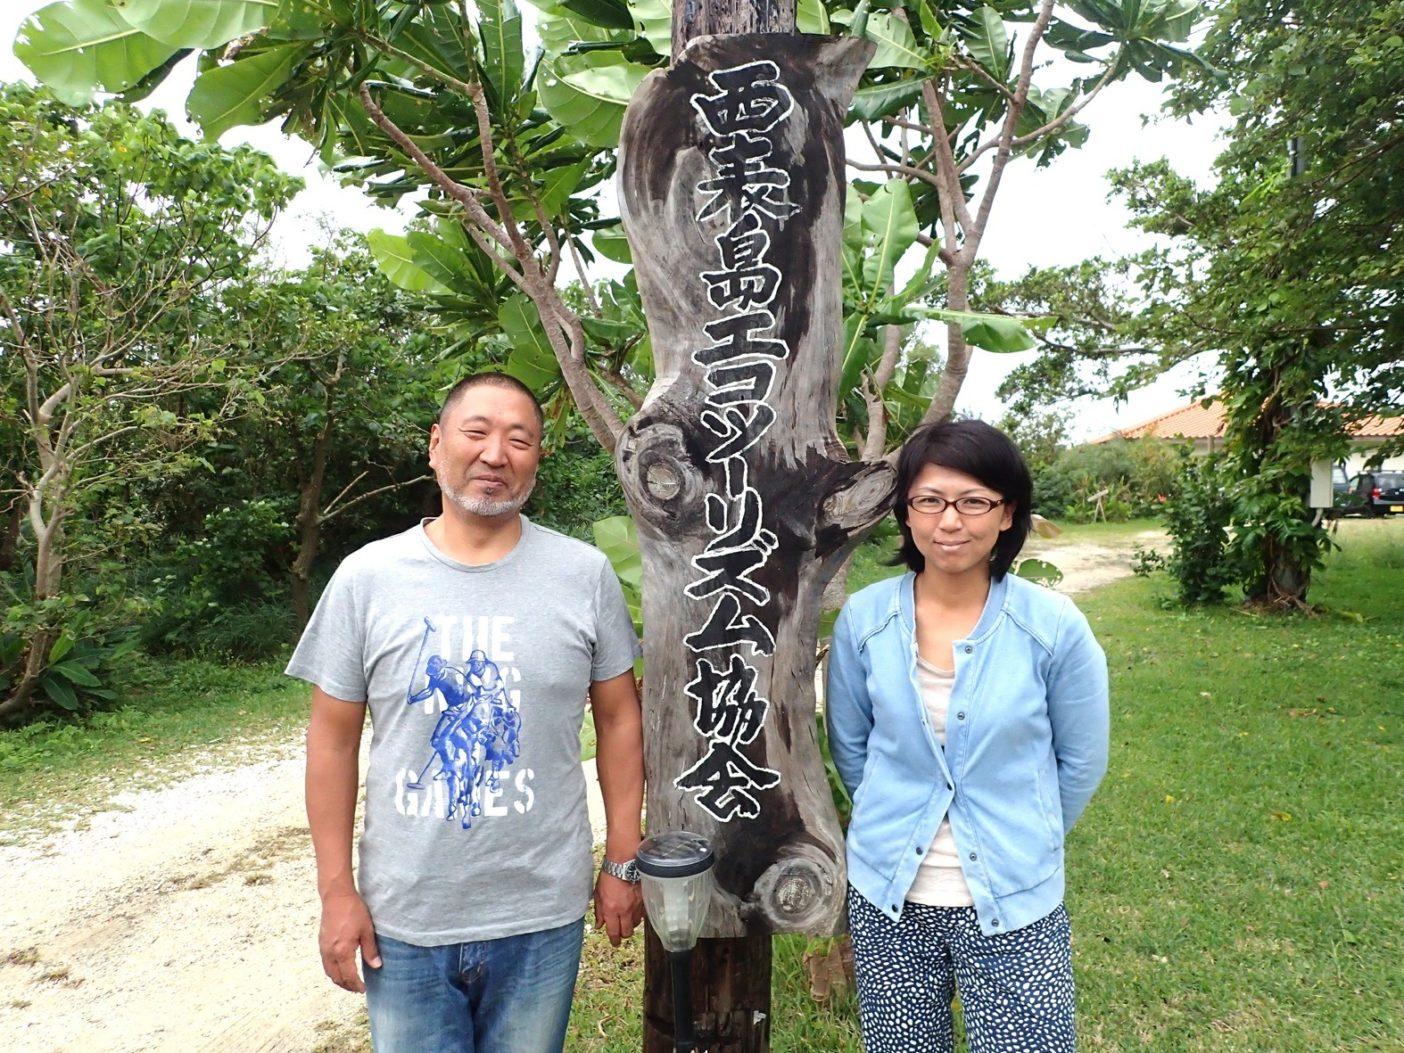 魚類調査の方法などを指導してくれる鈴木寿之さん(左)と西表島エコツーリズム協会の徳岡春美さん(右)写真:中根淳一